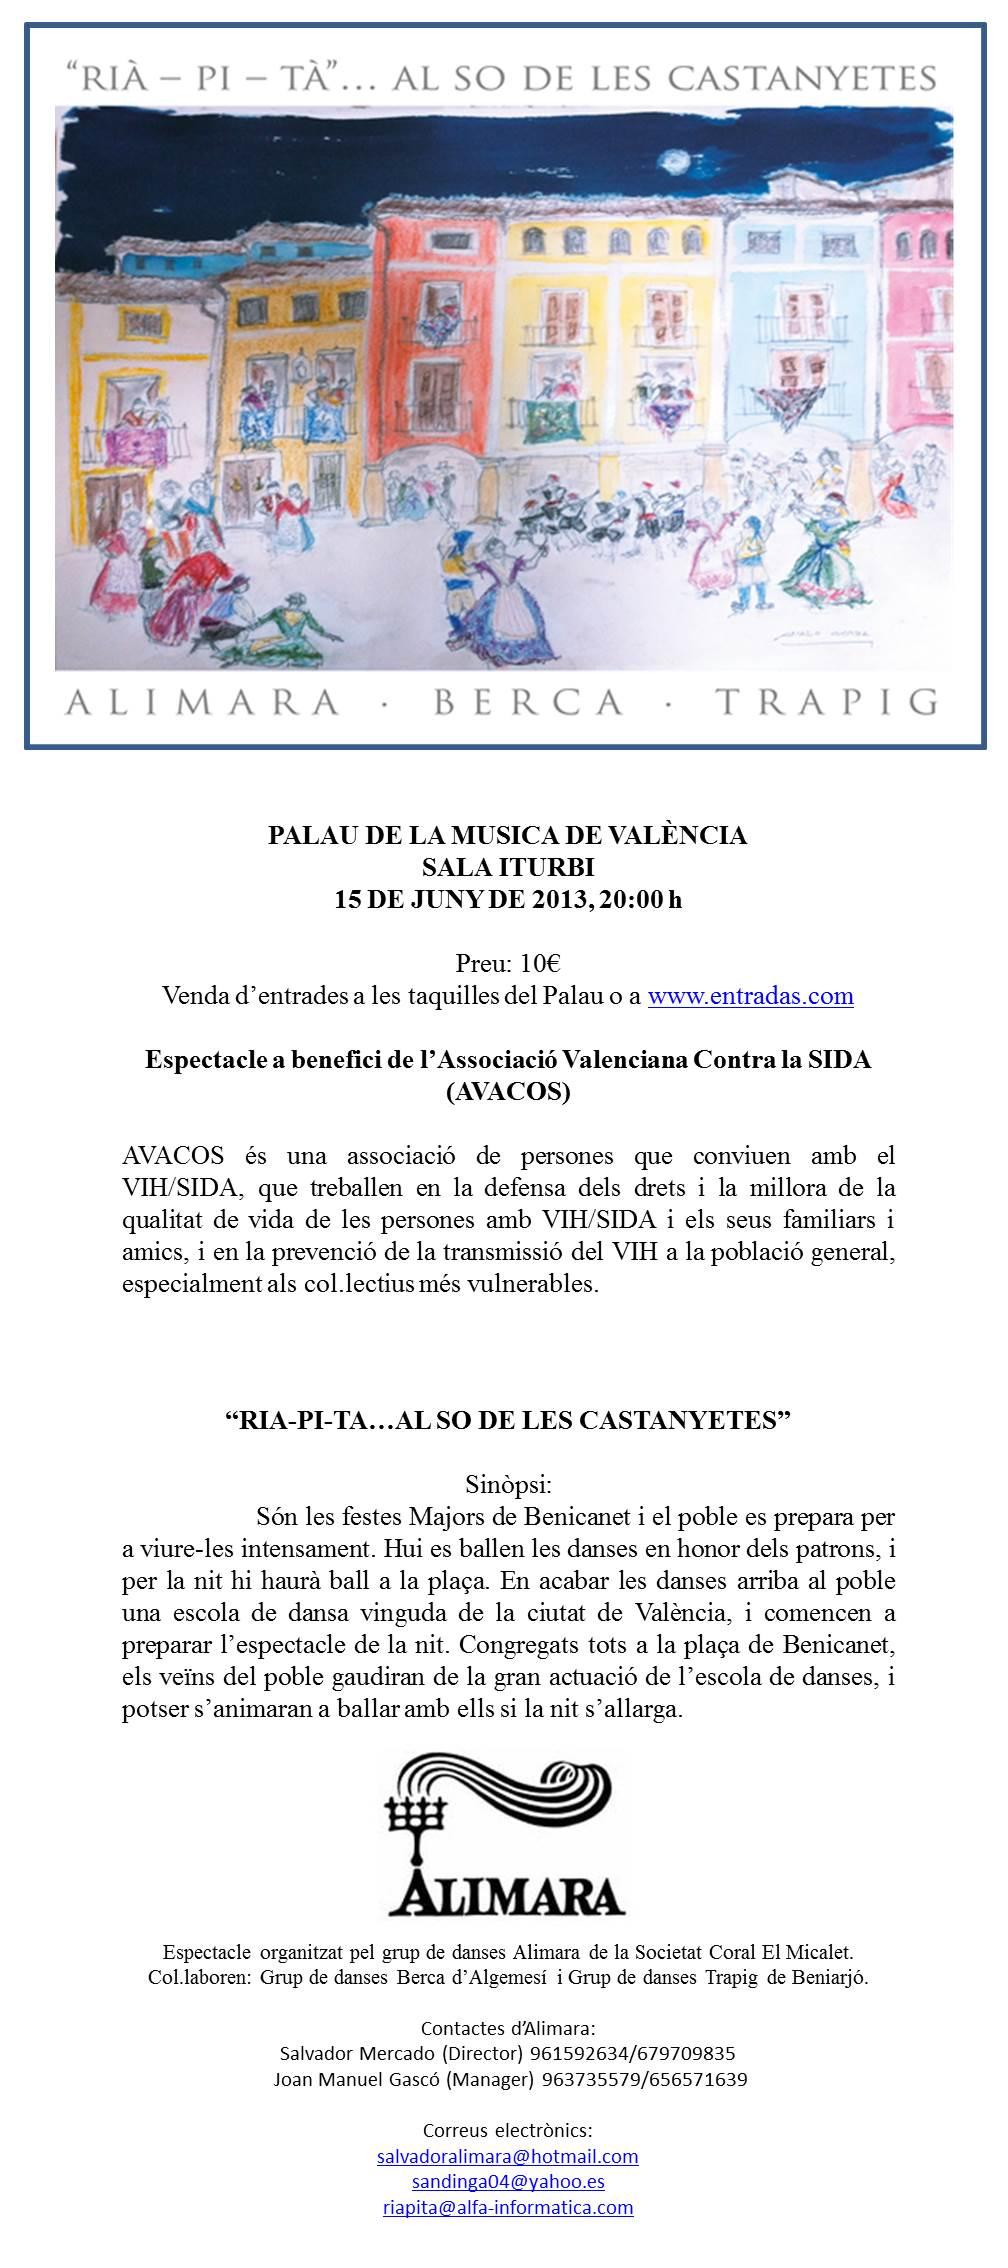 ALIMARA - Espectacle a benefici de l'Associació Valenciana Contra el SIDA (AVACOS)